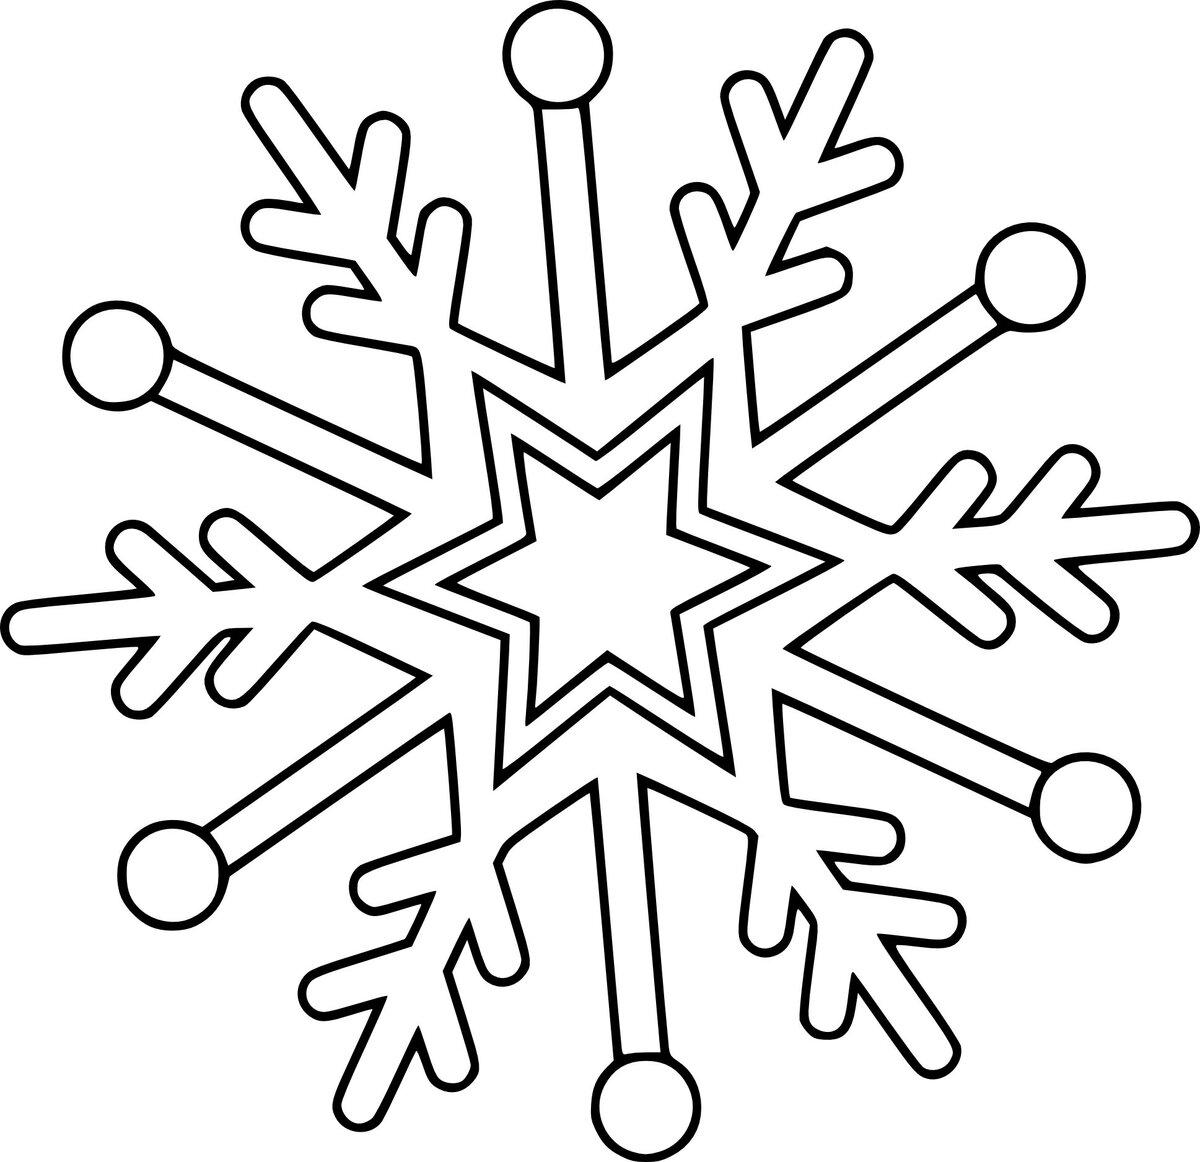 все картинки новогодних снежинок для вырезания сразу